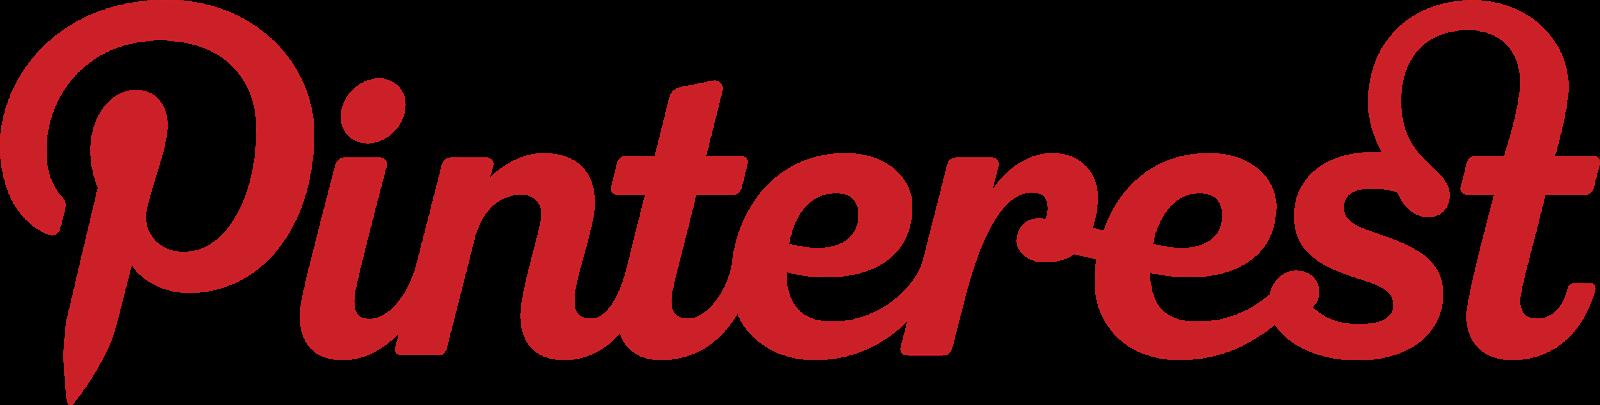 ピンタレストのロゴ